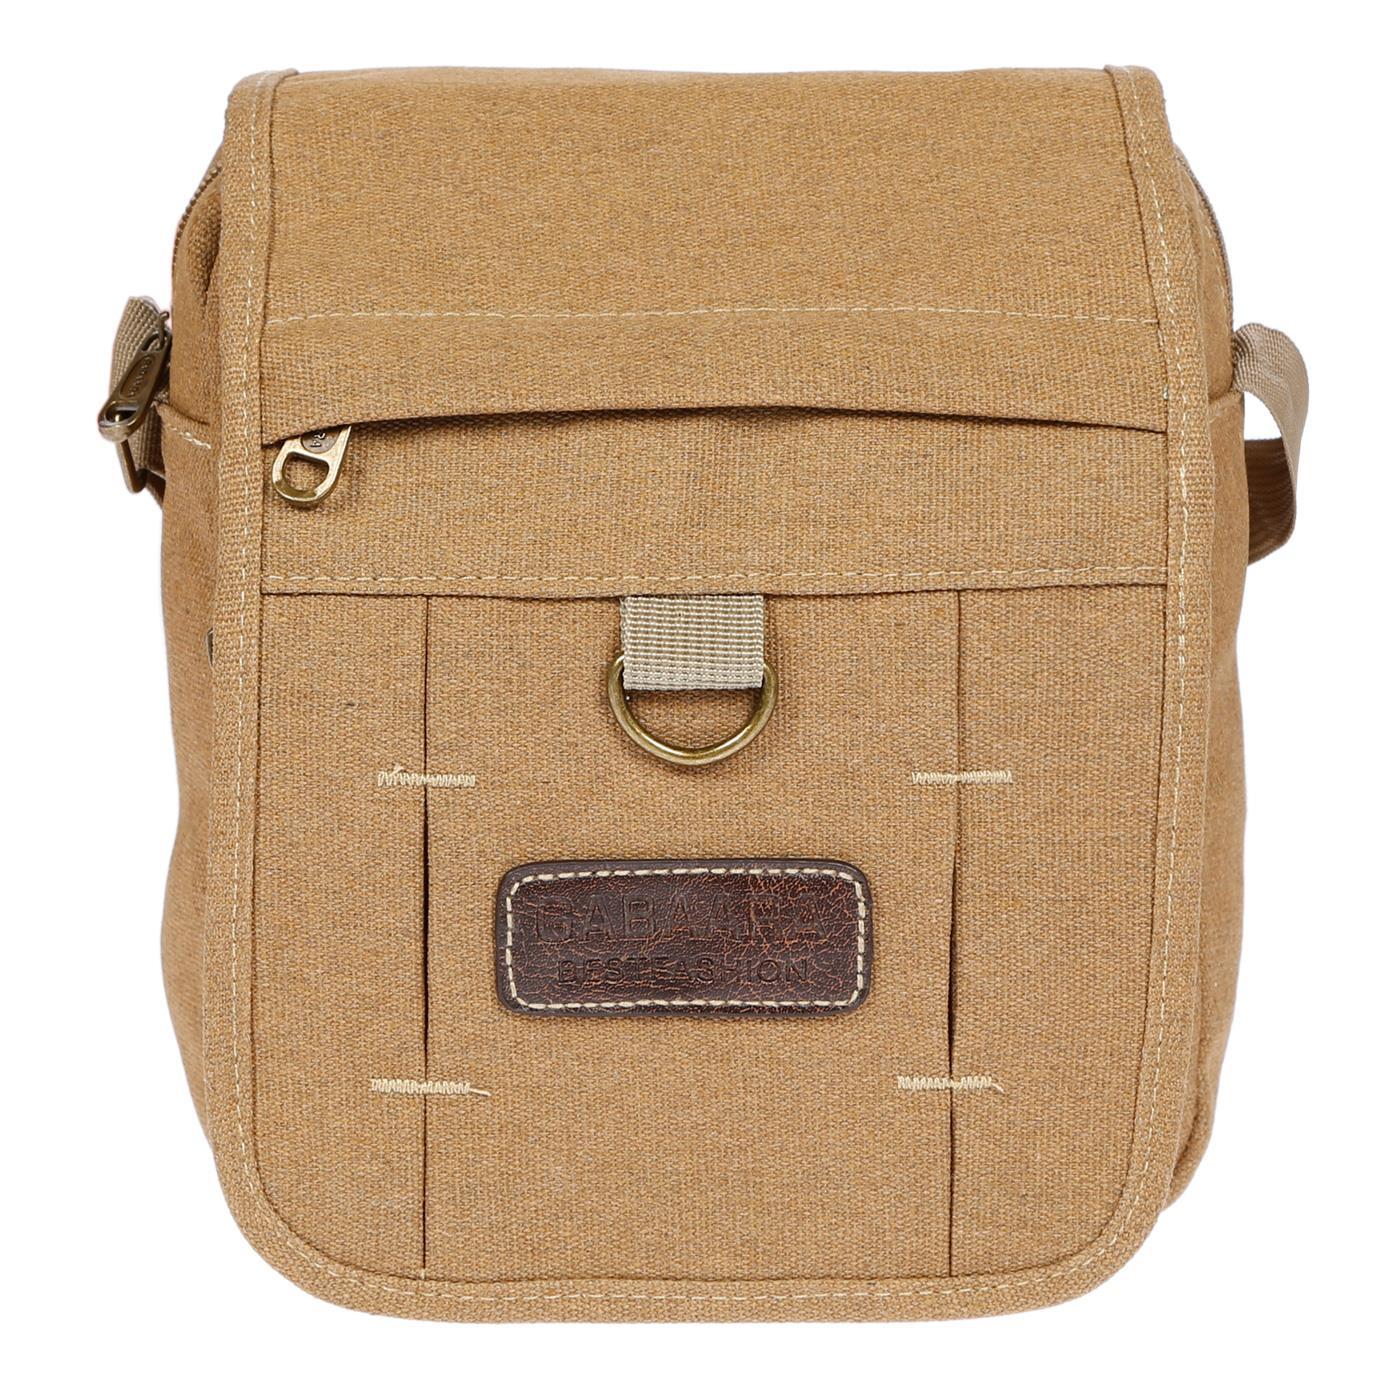 Damen-Herren-Tasche-Canvas-Umhaengetasche-Schultertasche-Crossover-Bag-Handtasche Indexbild 27